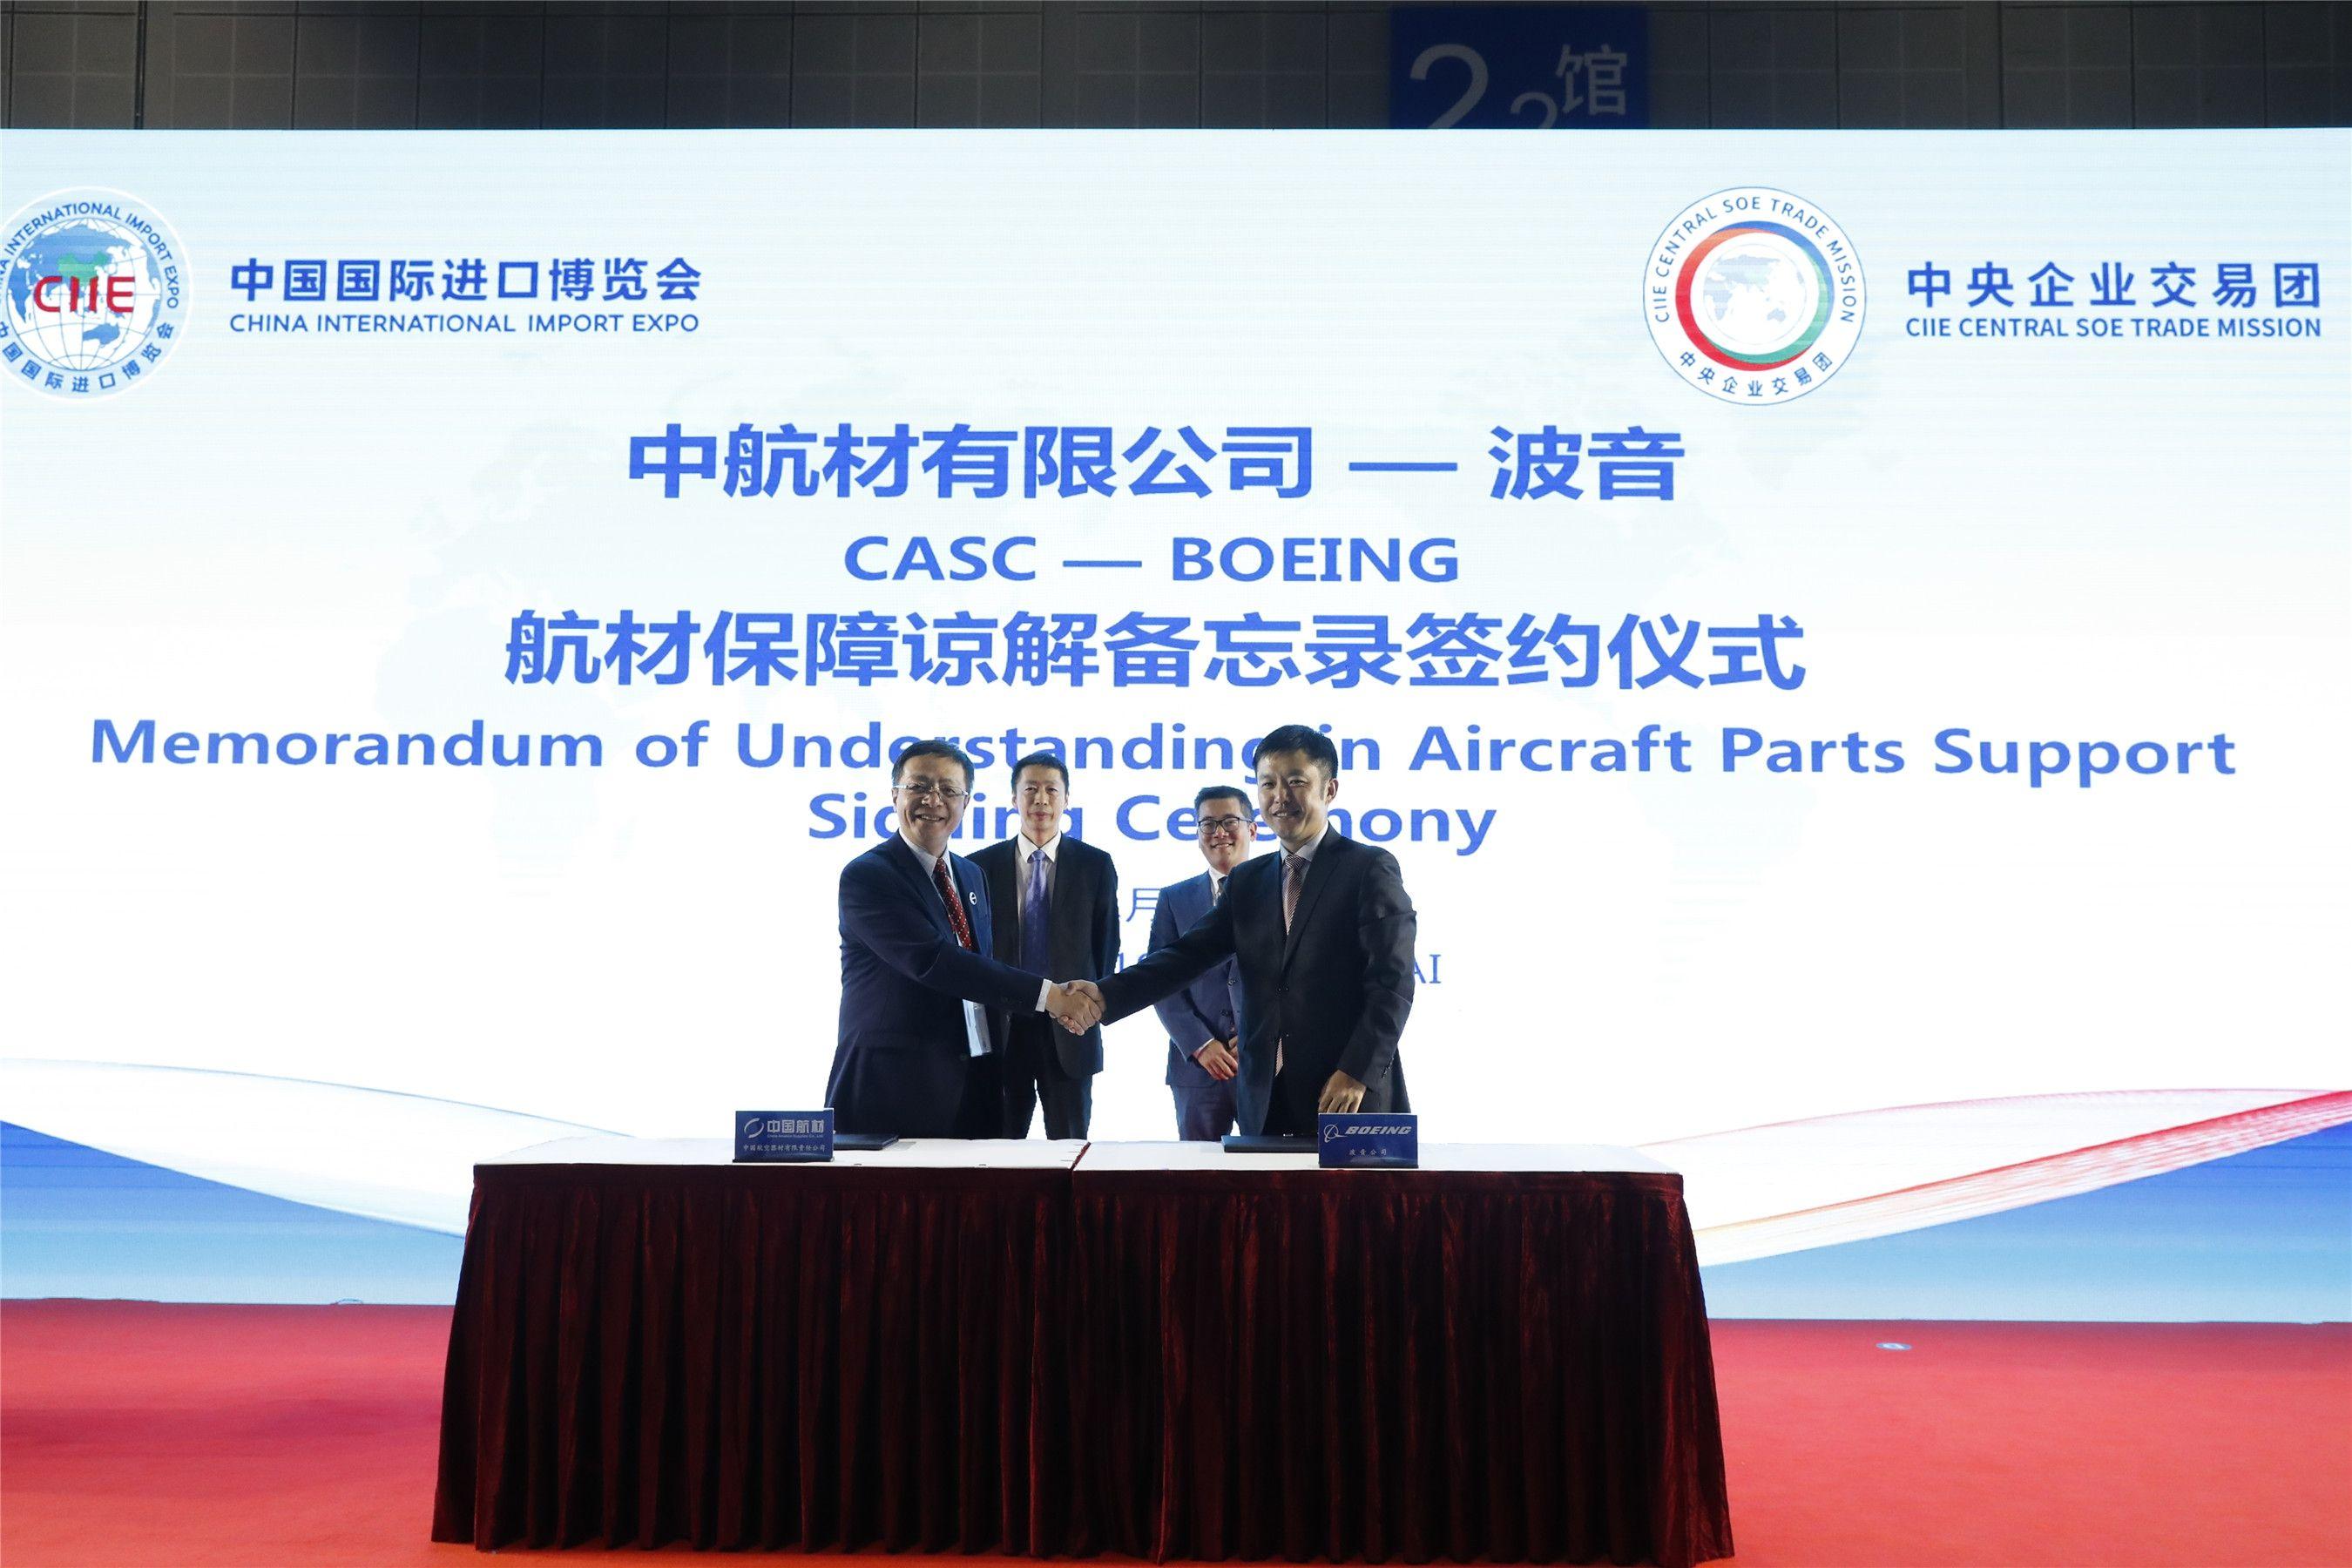 波音与中国航空器材有限公司宣布建立新的合作关系